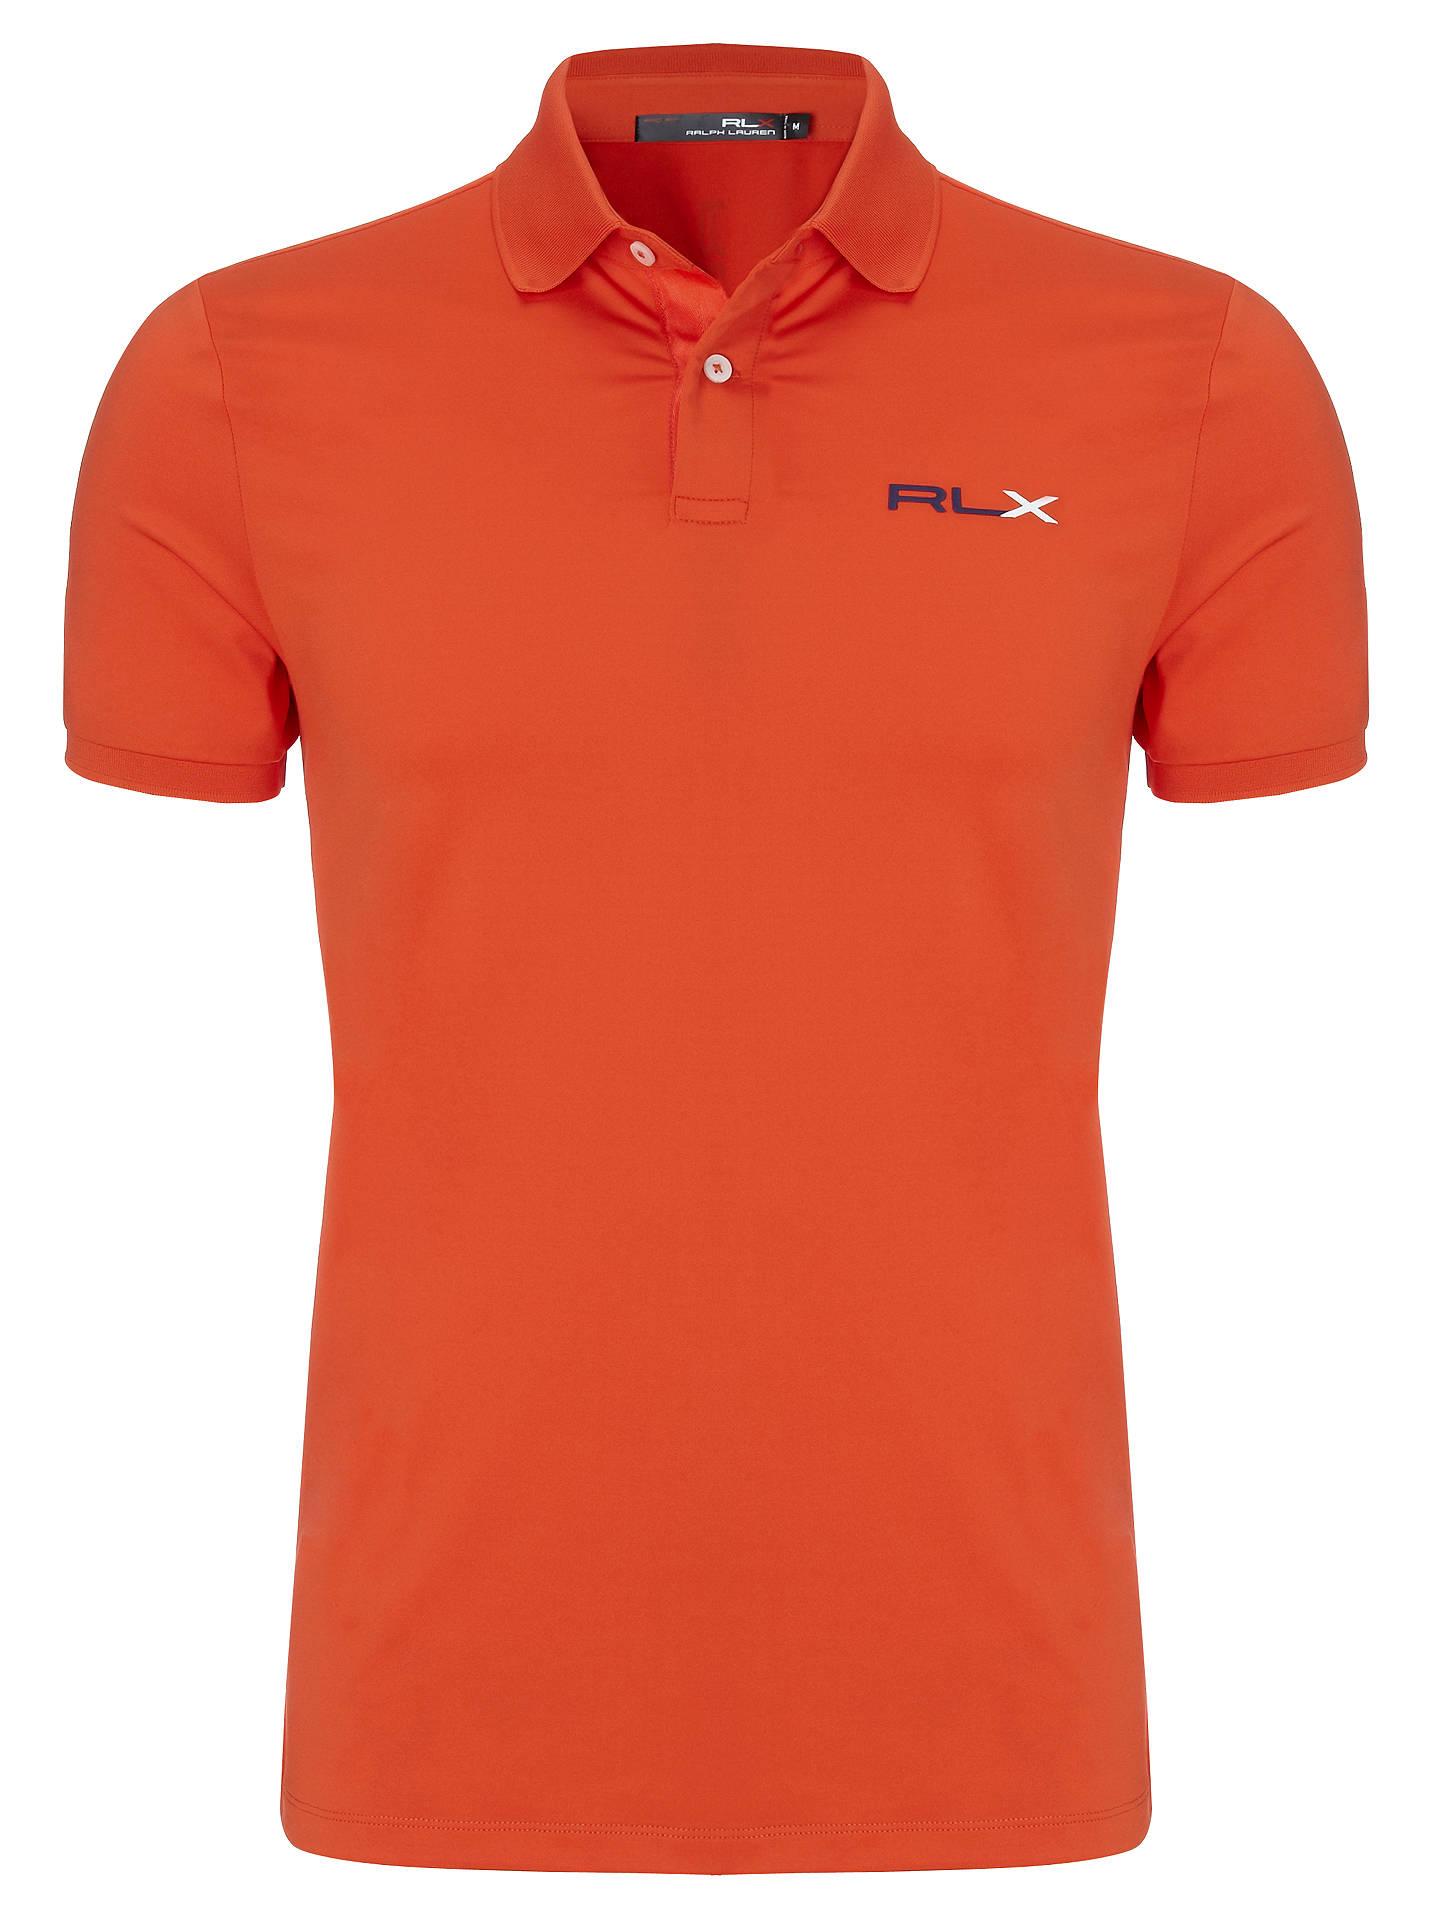 Ralph Lauren Rlx Golf Short Sleeve Polo Shirt At John Lewis Partners